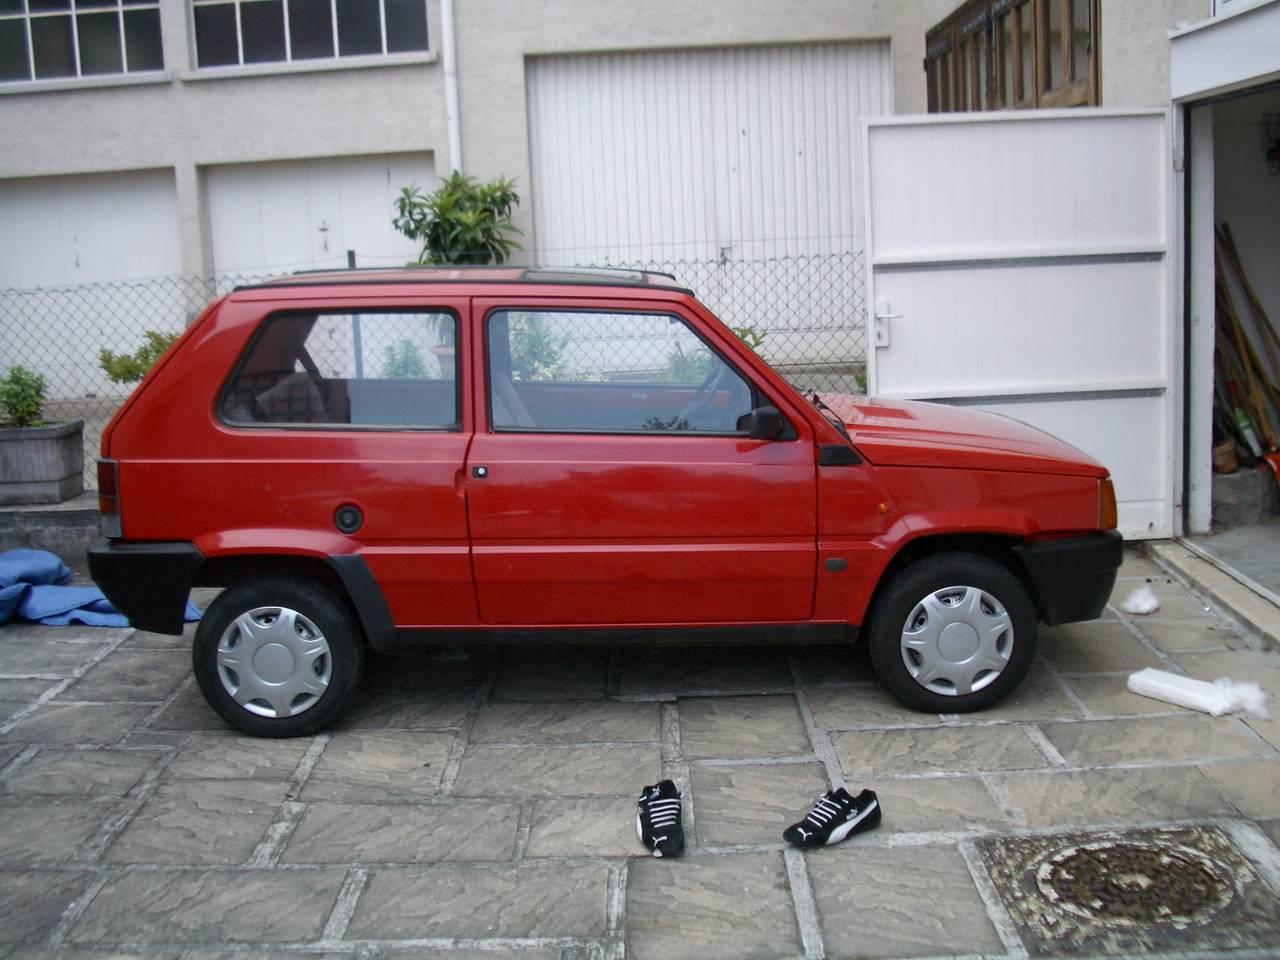 ma première voiture : une panda - Auto titre